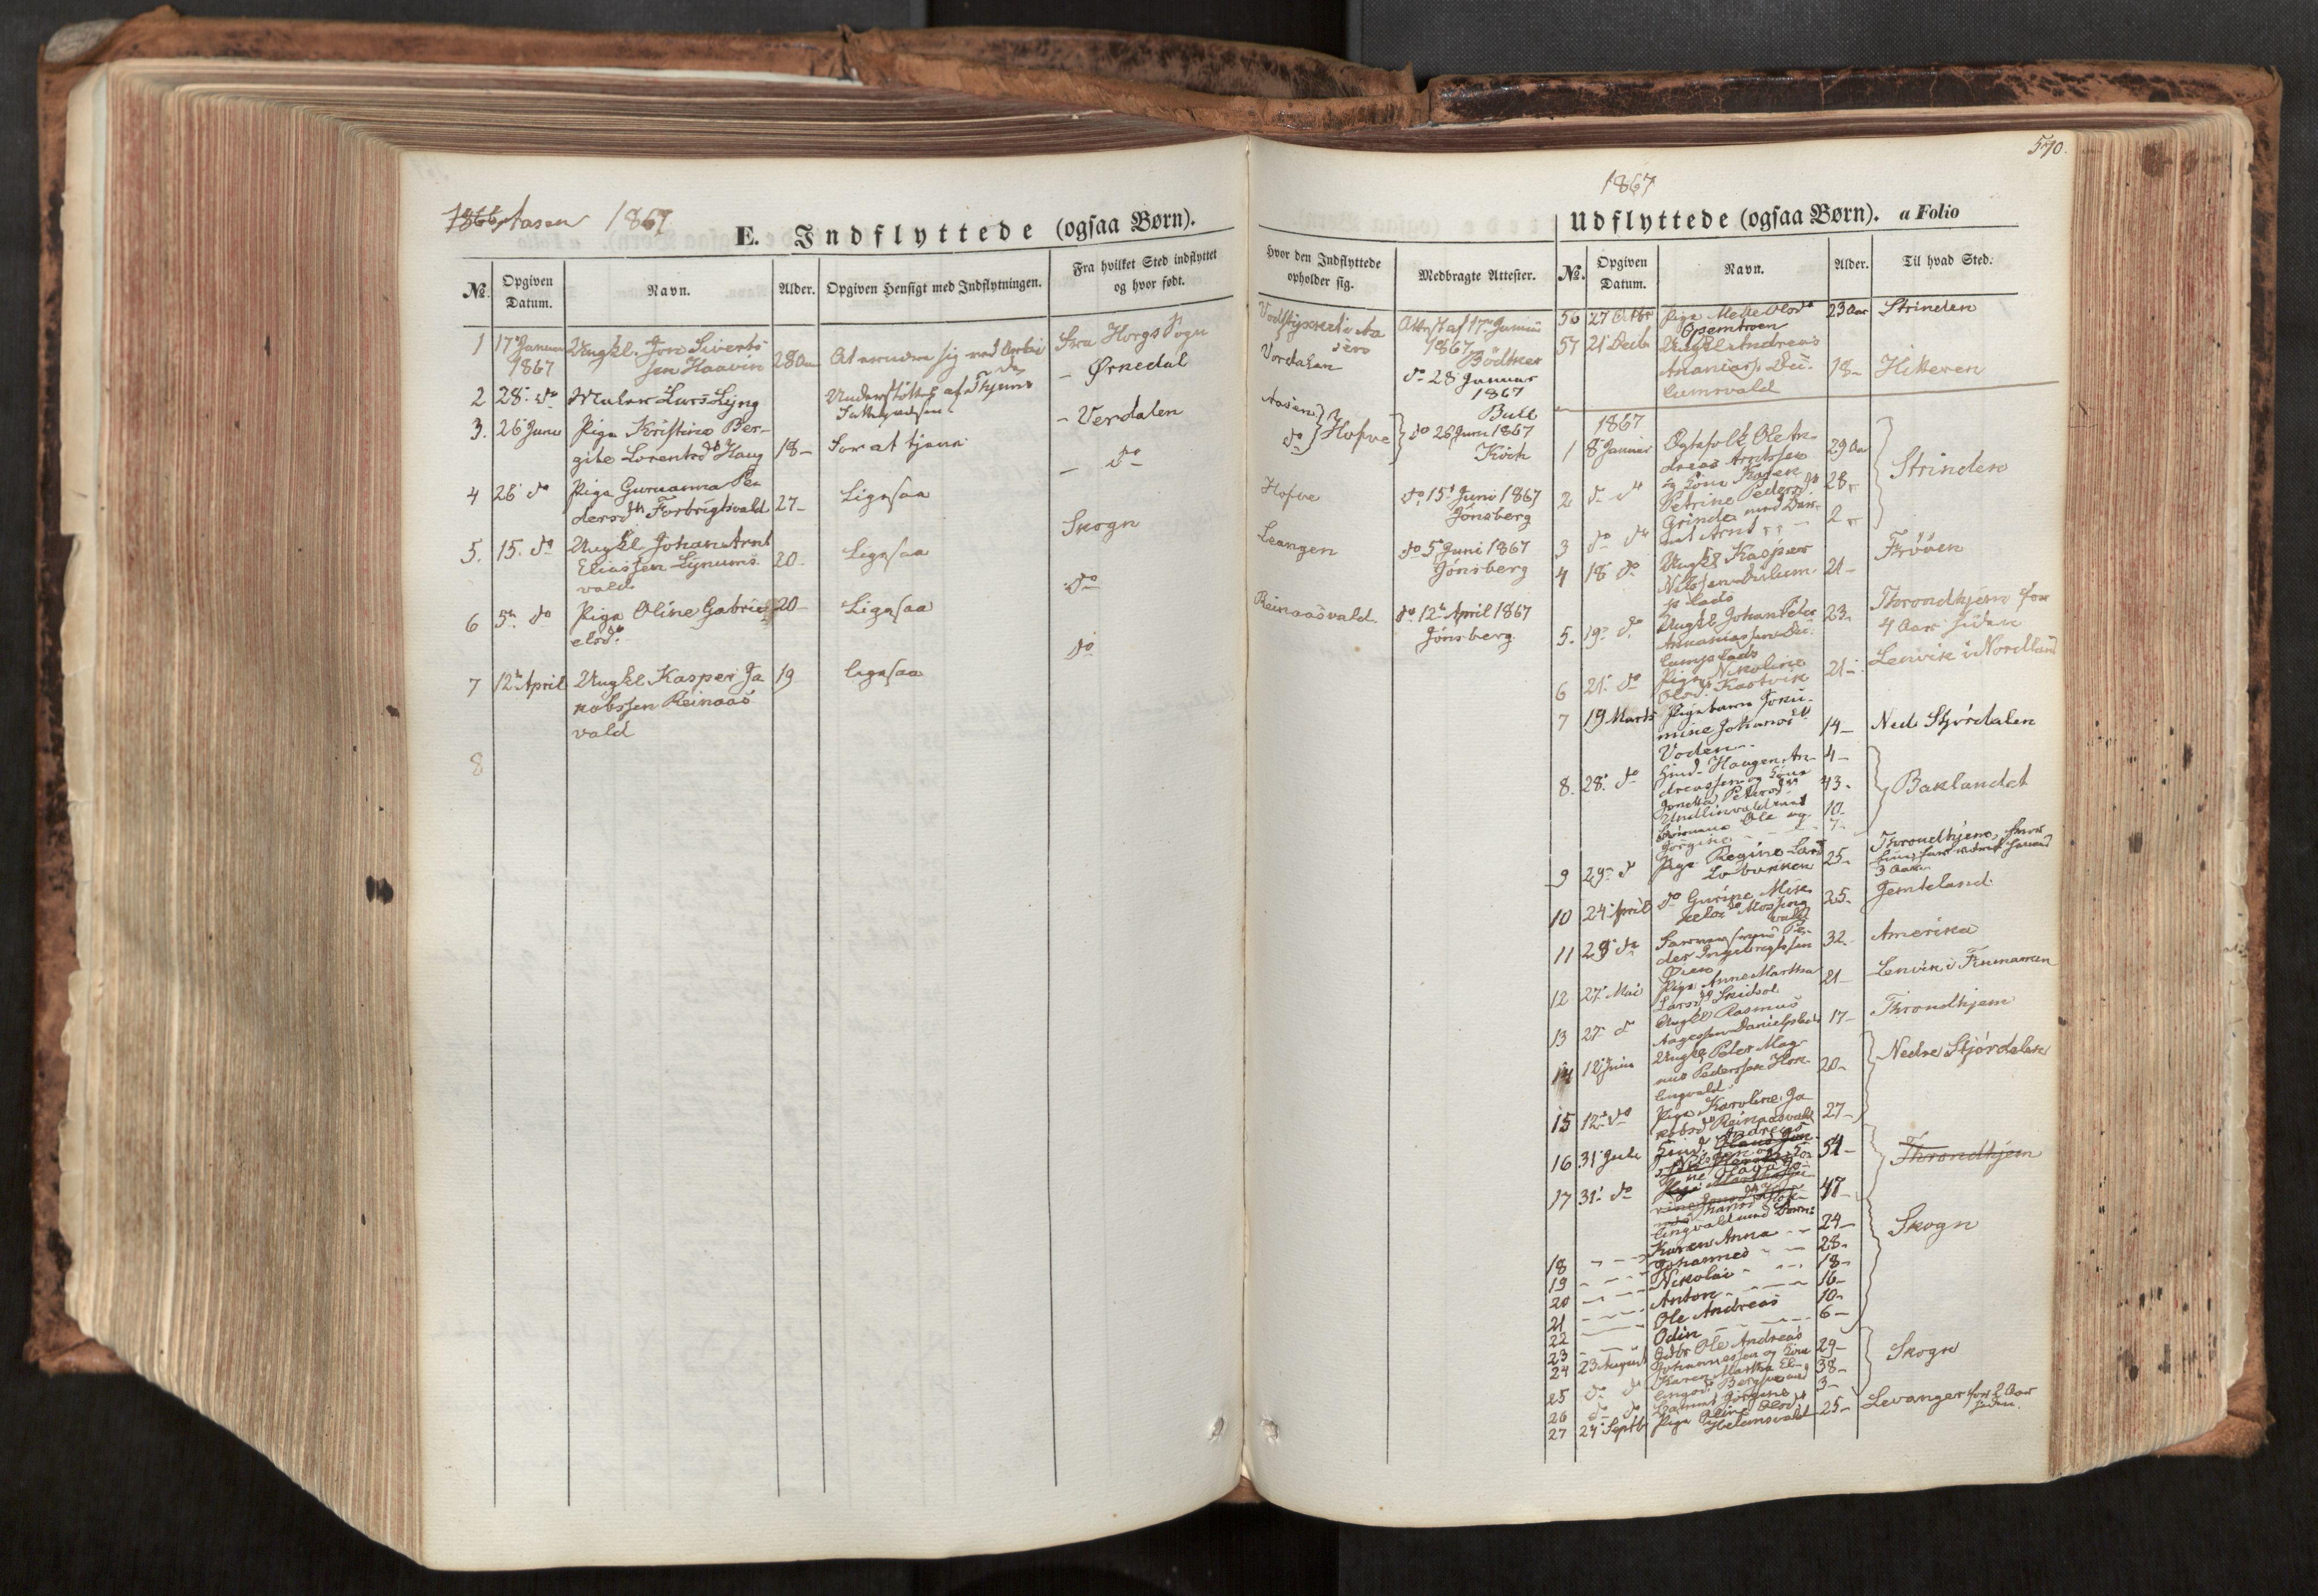 SAT, Ministerialprotokoller, klokkerbøker og fødselsregistre - Nord-Trøndelag, 713/L0116: Ministerialbok nr. 713A07, 1850-1877, s. 570